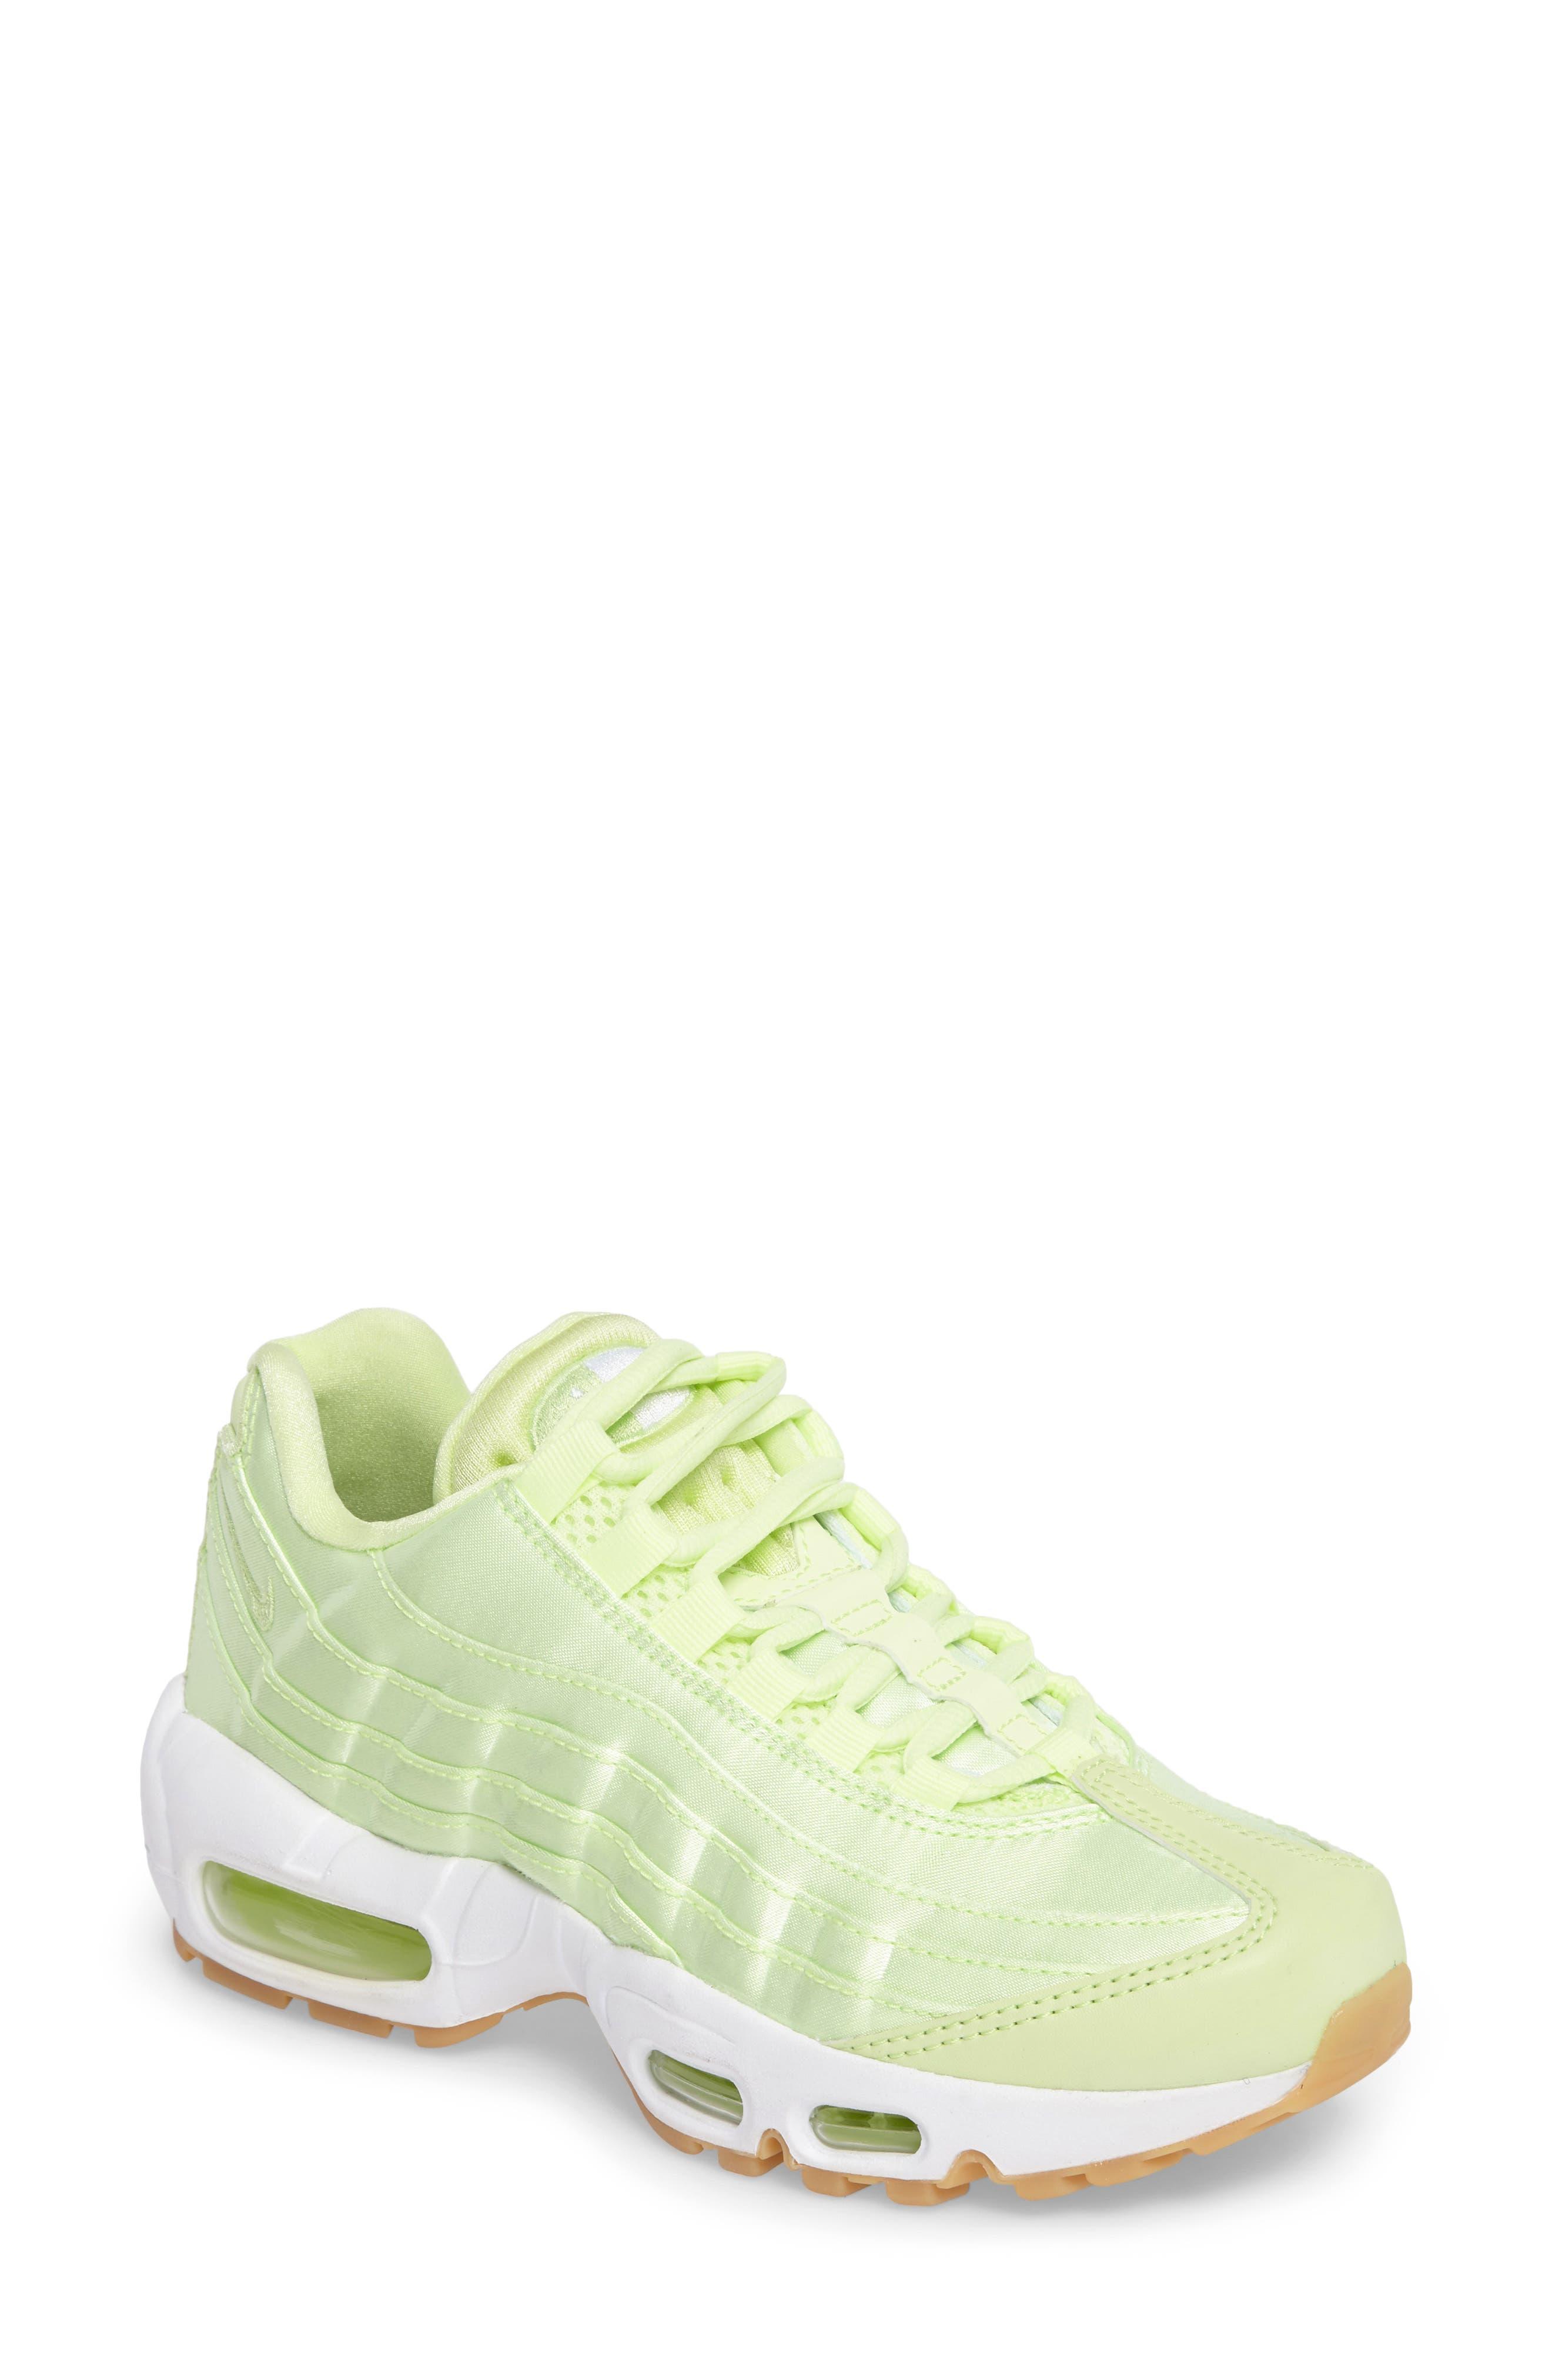 Air Max 95 QS Running Shoe,                             Main thumbnail 1, color,                             Liquid Lime/ Liquid Lime